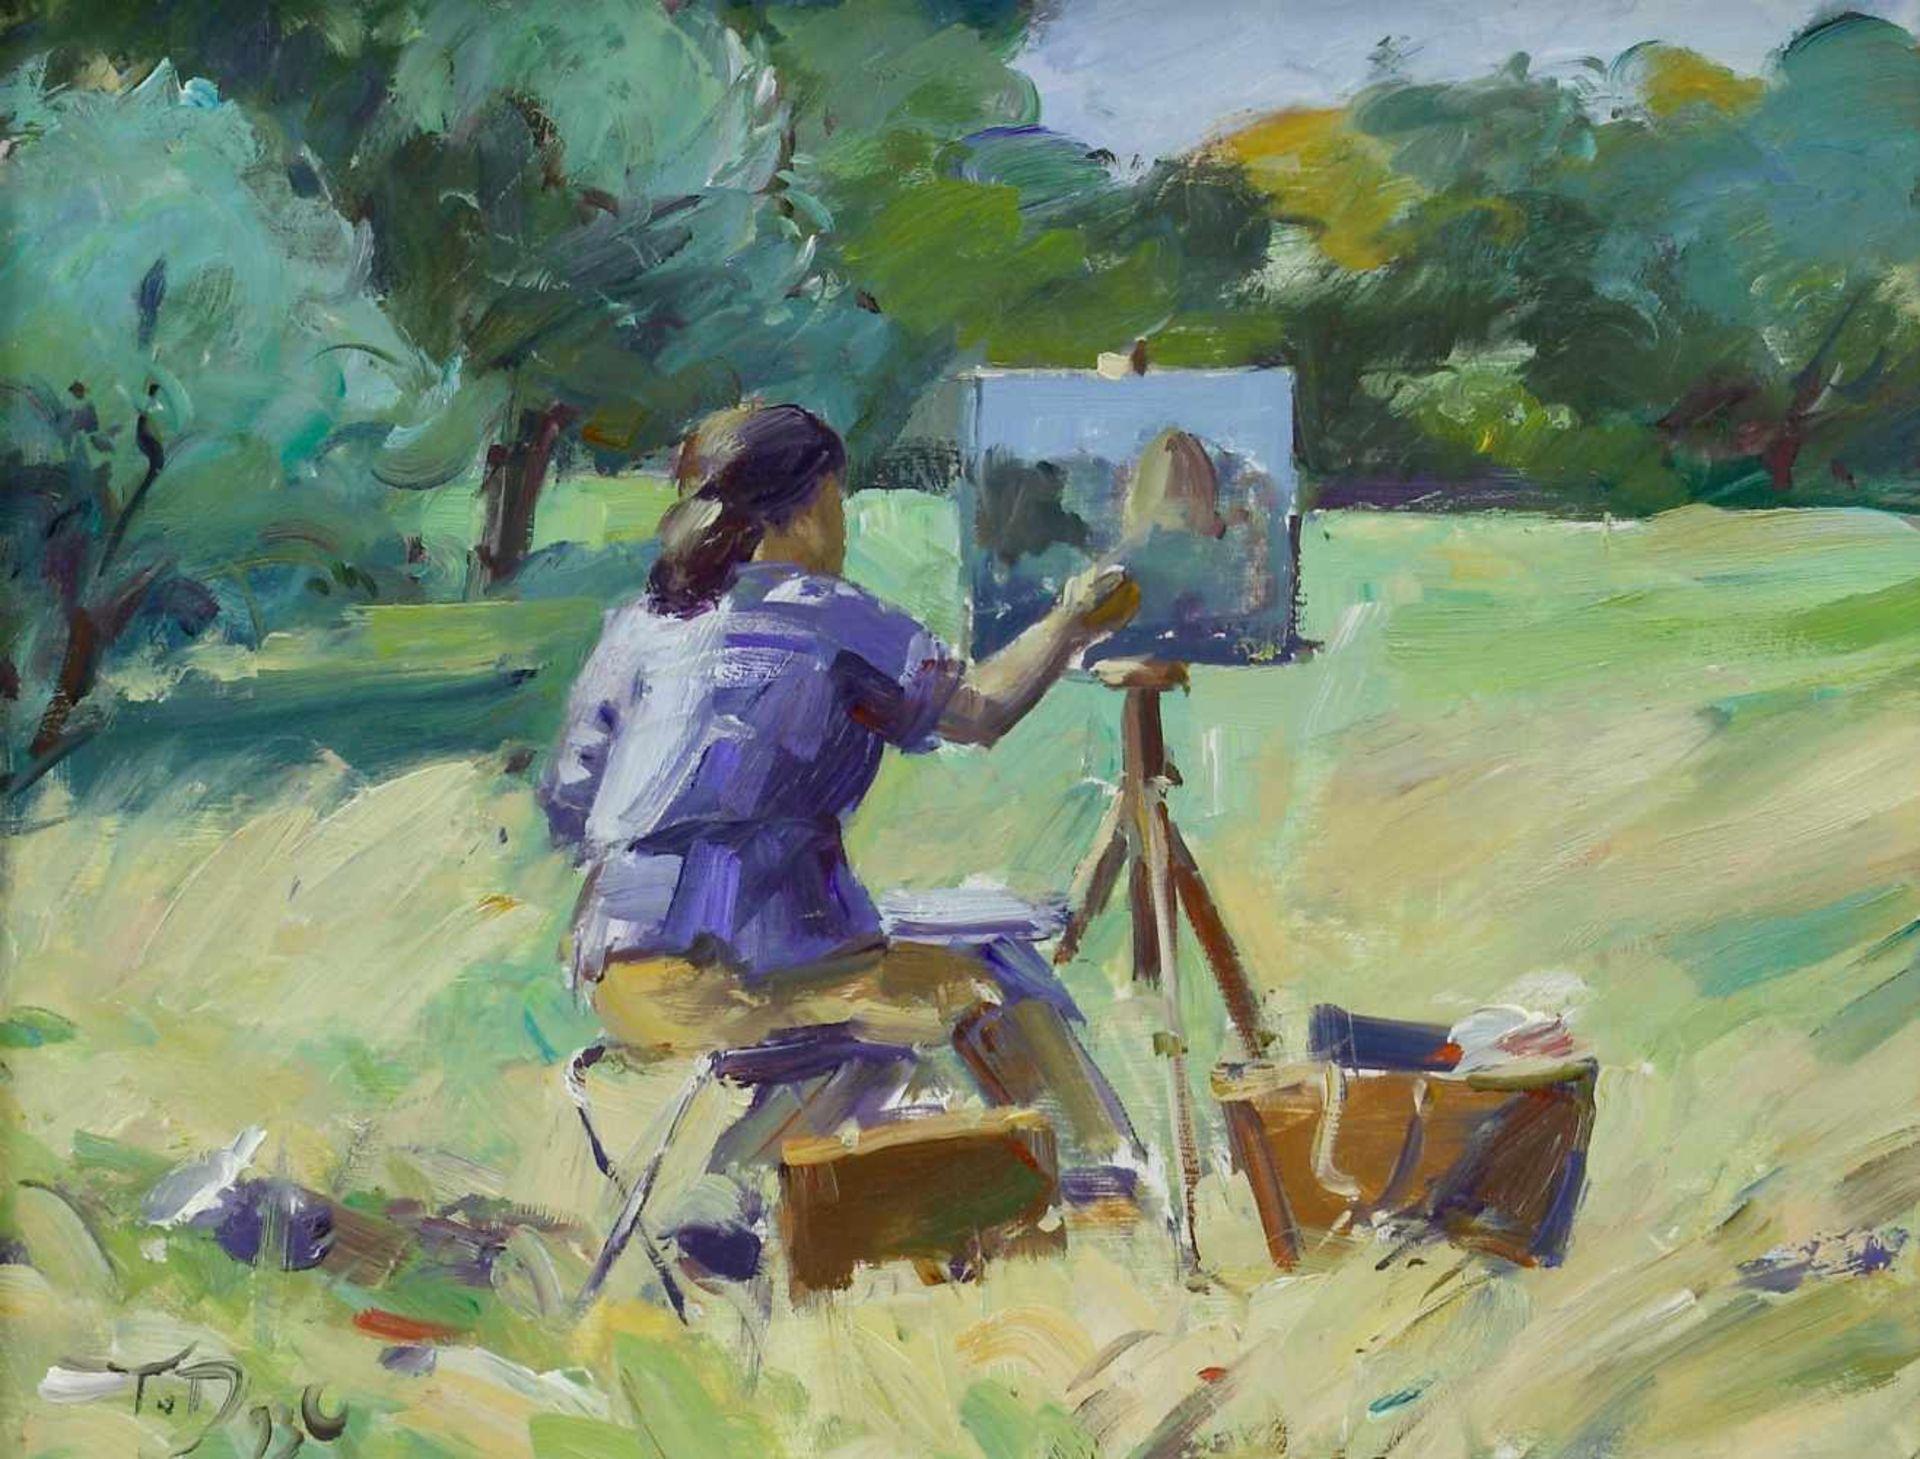 Duwe, Tobias (1961 Bad Oldesloe, lebt in Großensee)Malerin im Freien. 1993. Öl auf Hartfaser. 27 x